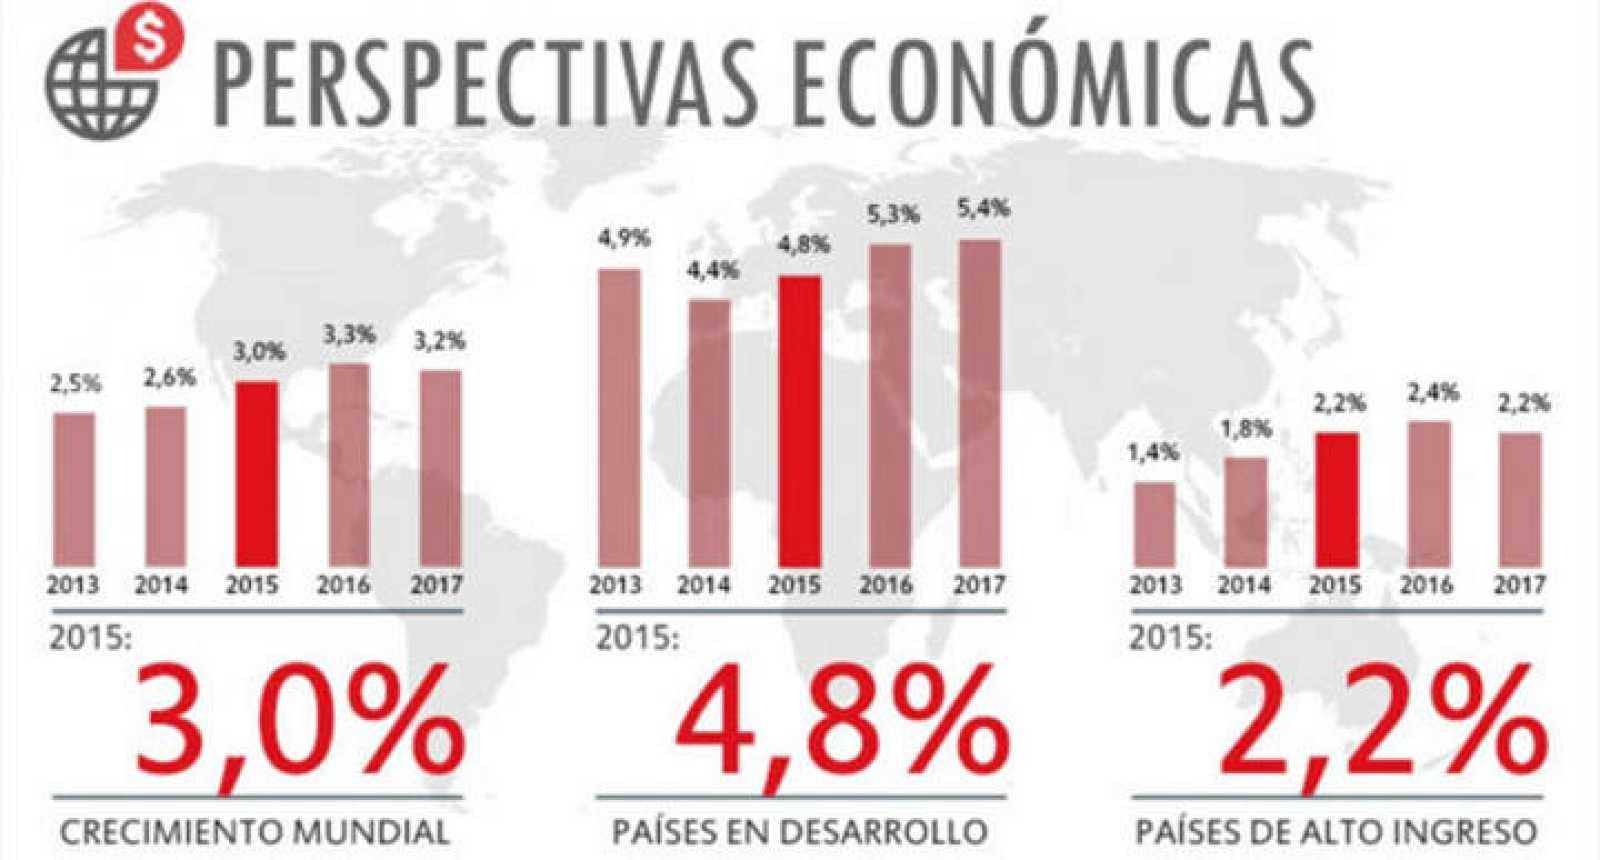 Perspectivas económicas del Banco Mundial para los años 2015, 2016 y 2017.